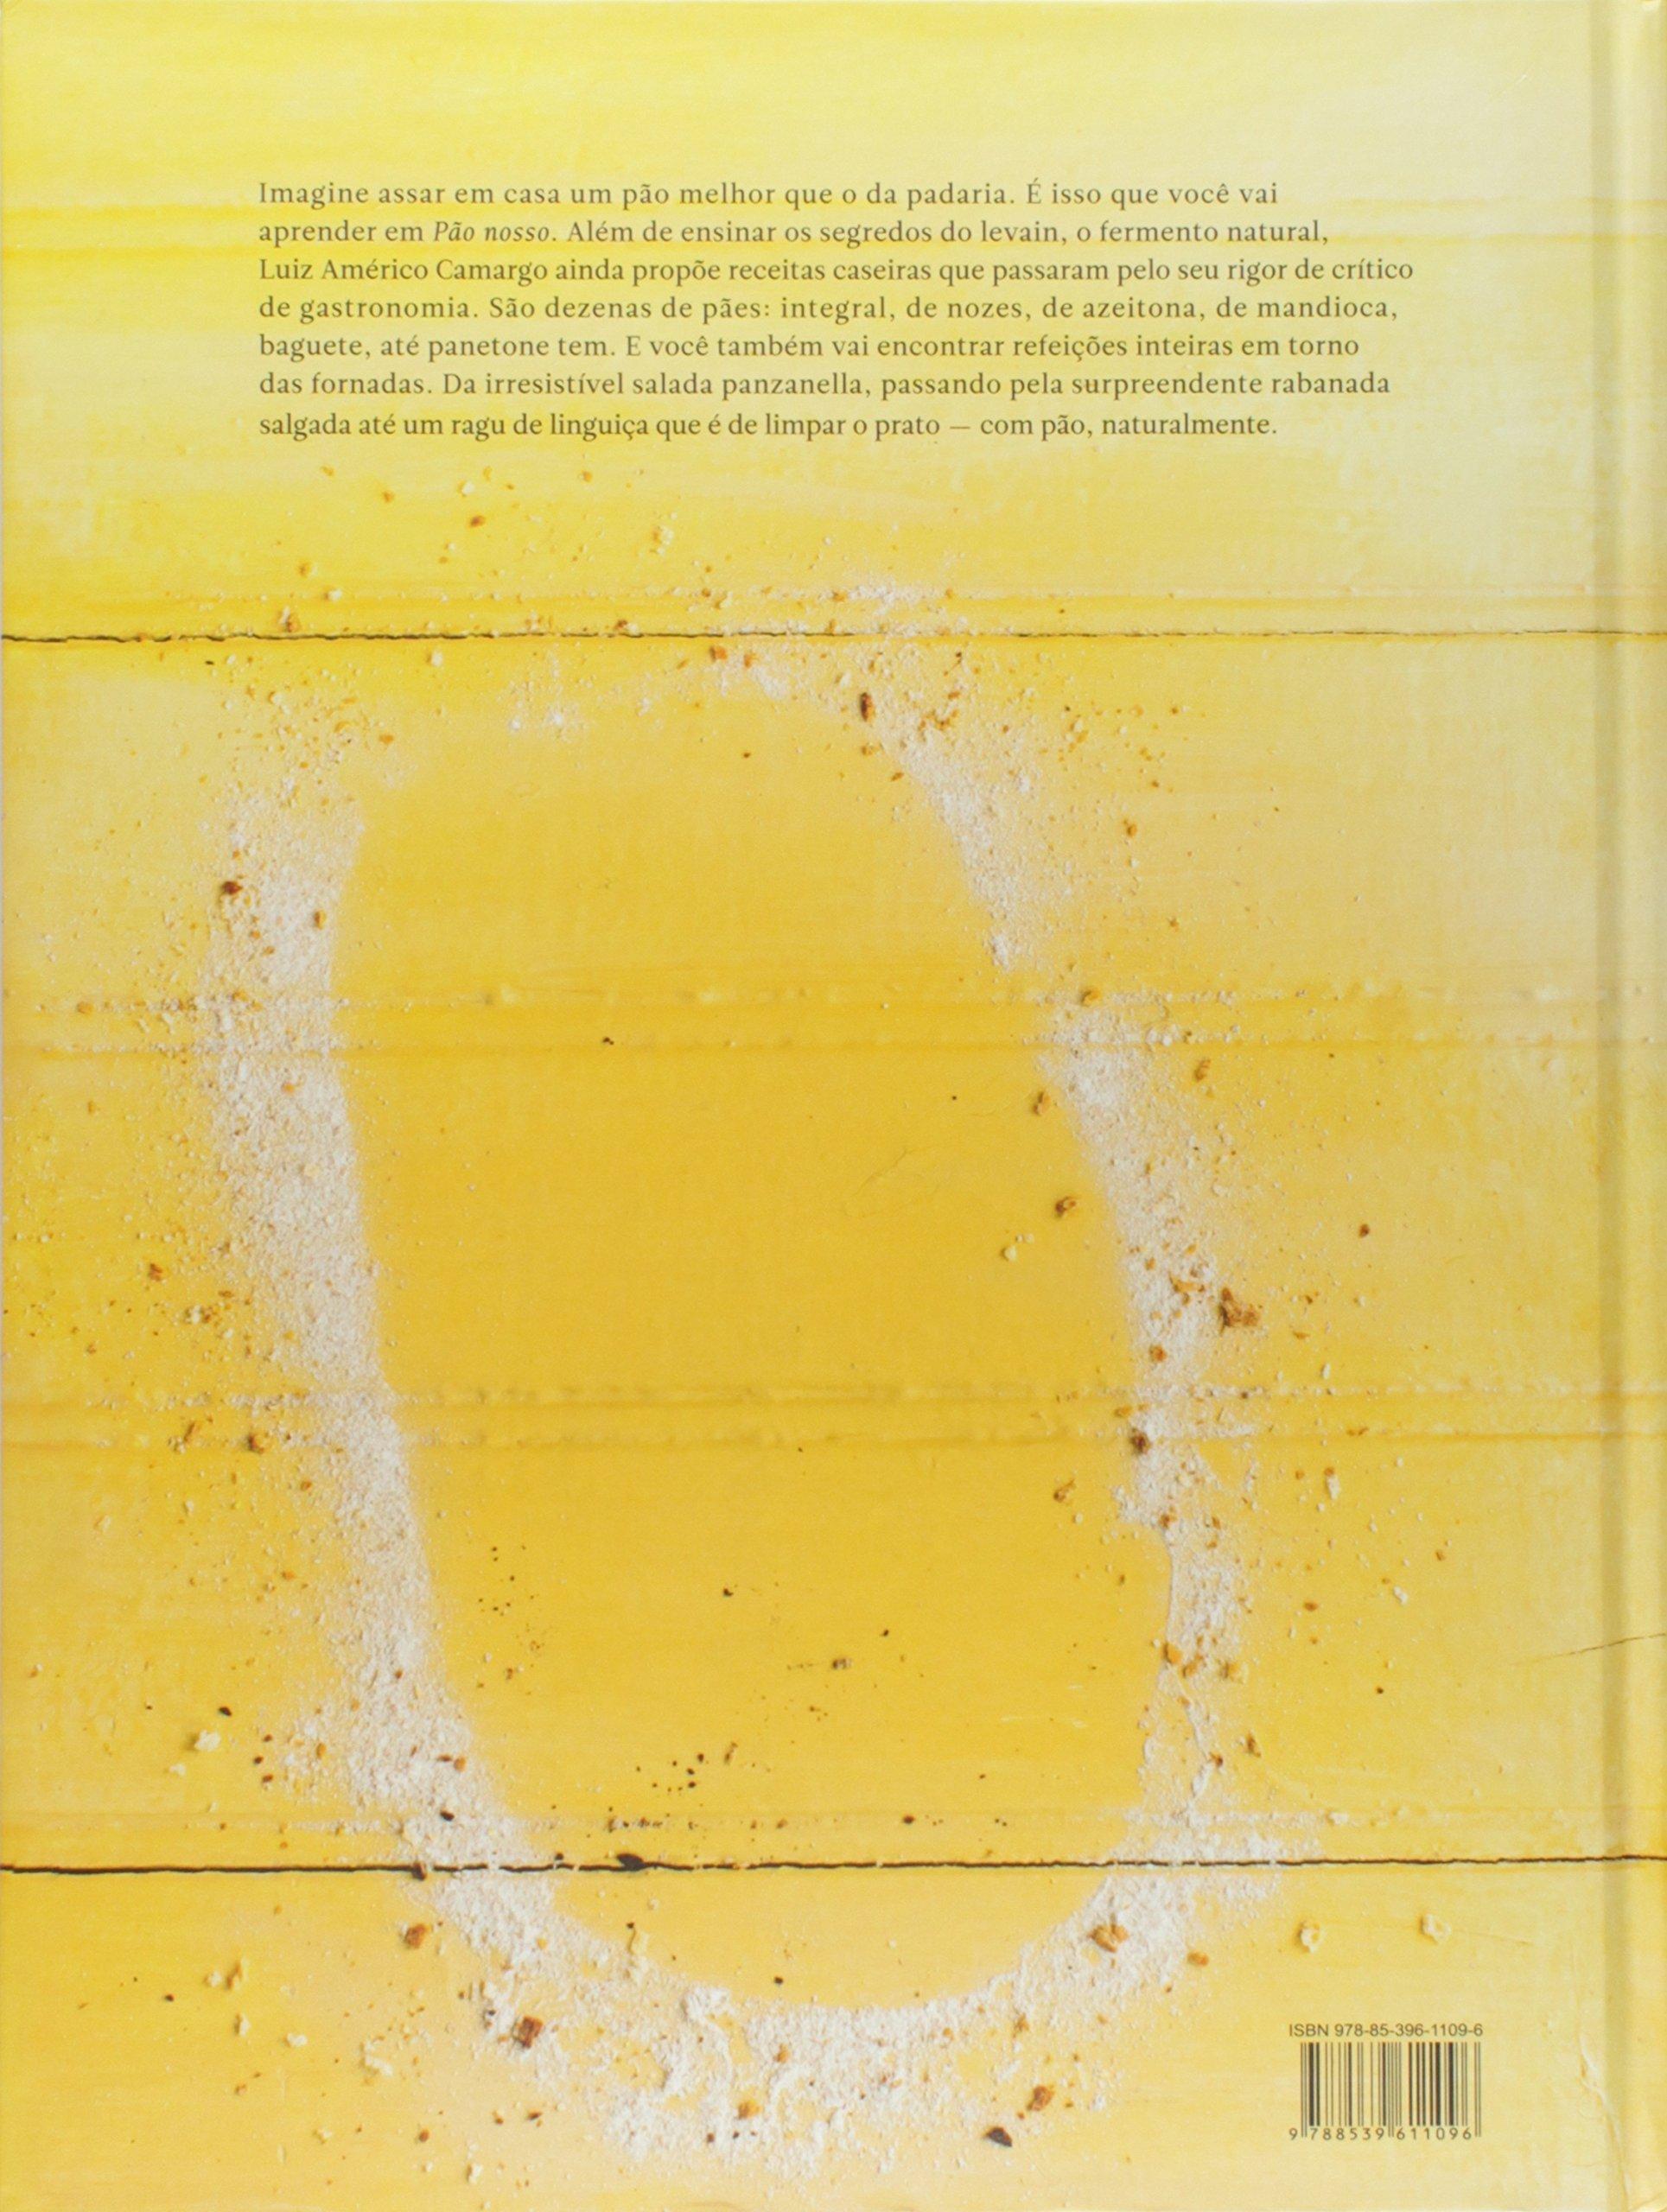 Pão Nosso. Receitas Caseiras com Fermento Natural (Em Portuguese do Brasil): Luiz Américo Camargo: 9788539611096: Amazon.com: Books